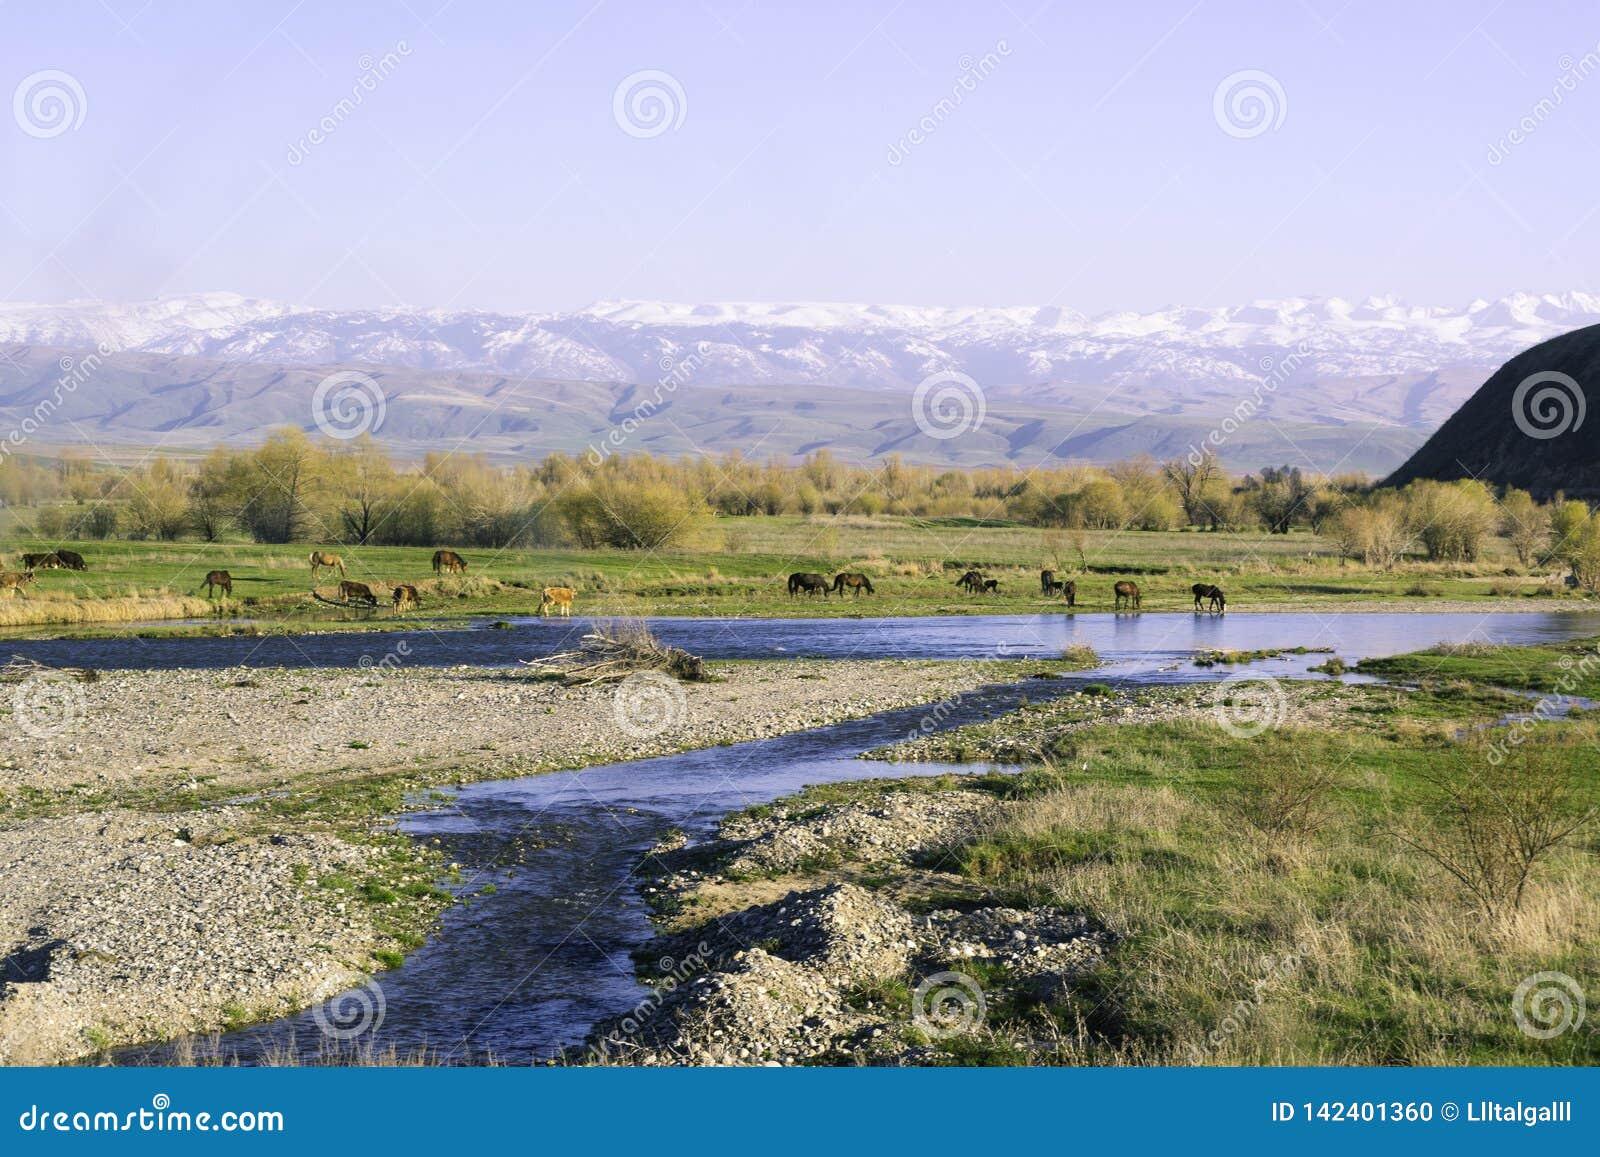 Montanhas 'Alatau ' Os cavalos pastam Fluxos do rio verão Região do ` s de Alma-Ata 'Região de Zhetysu '